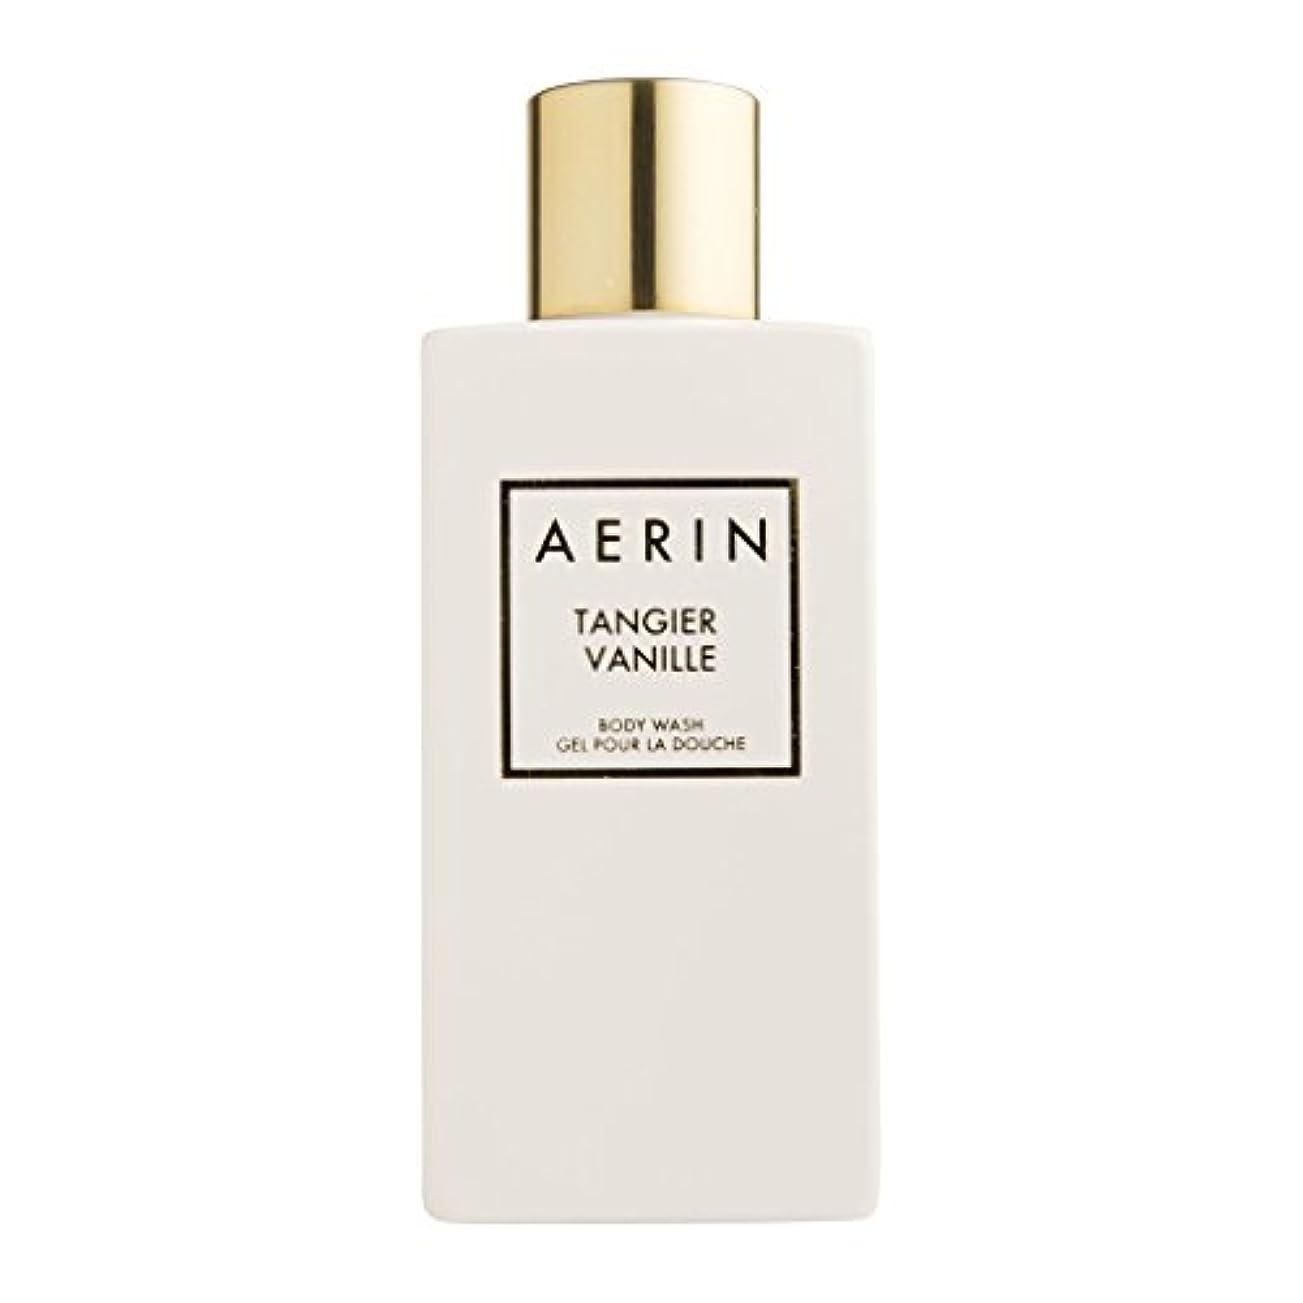 革命ボウリング消化器AERIN Tangier Vanille (アエリン タンジヤー バニール) 7.6 oz (228ml) Body Wash ボディーウオッシュ by Estee Lauder for Women